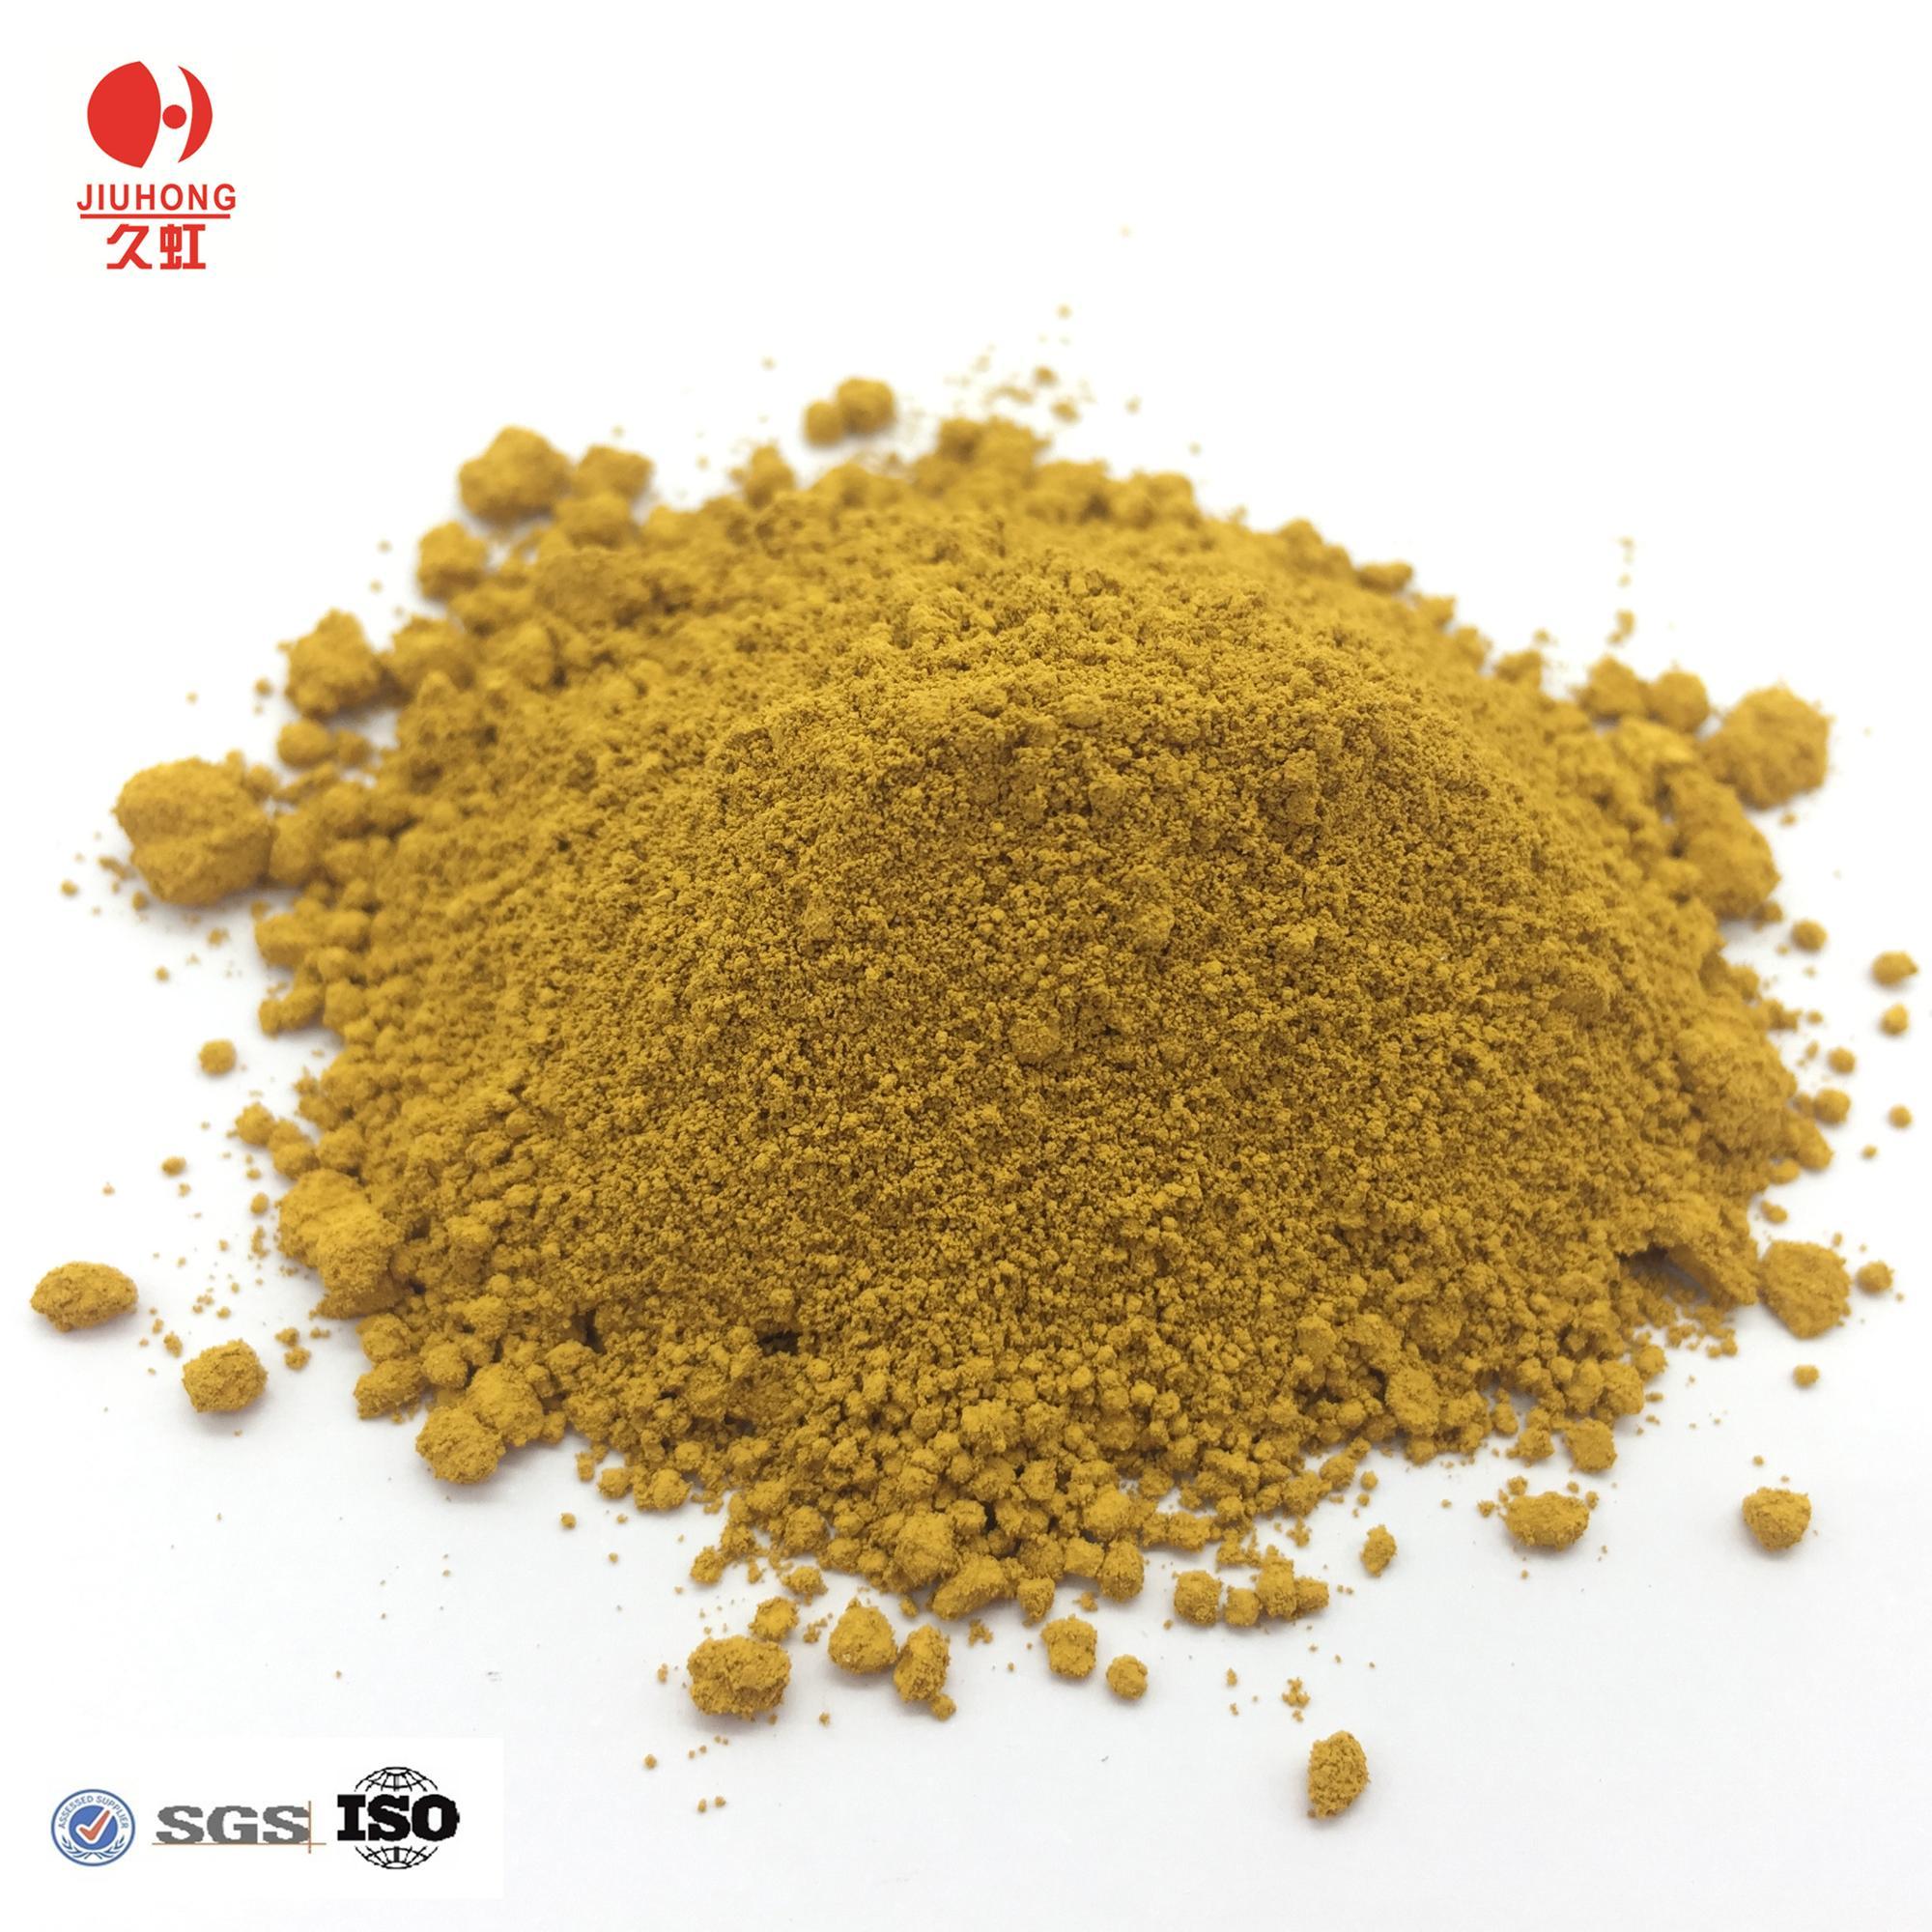 Sắt oxit màu vàng 313 lowes sơn bê tông sắt oxit bột màu tốt kéo dài